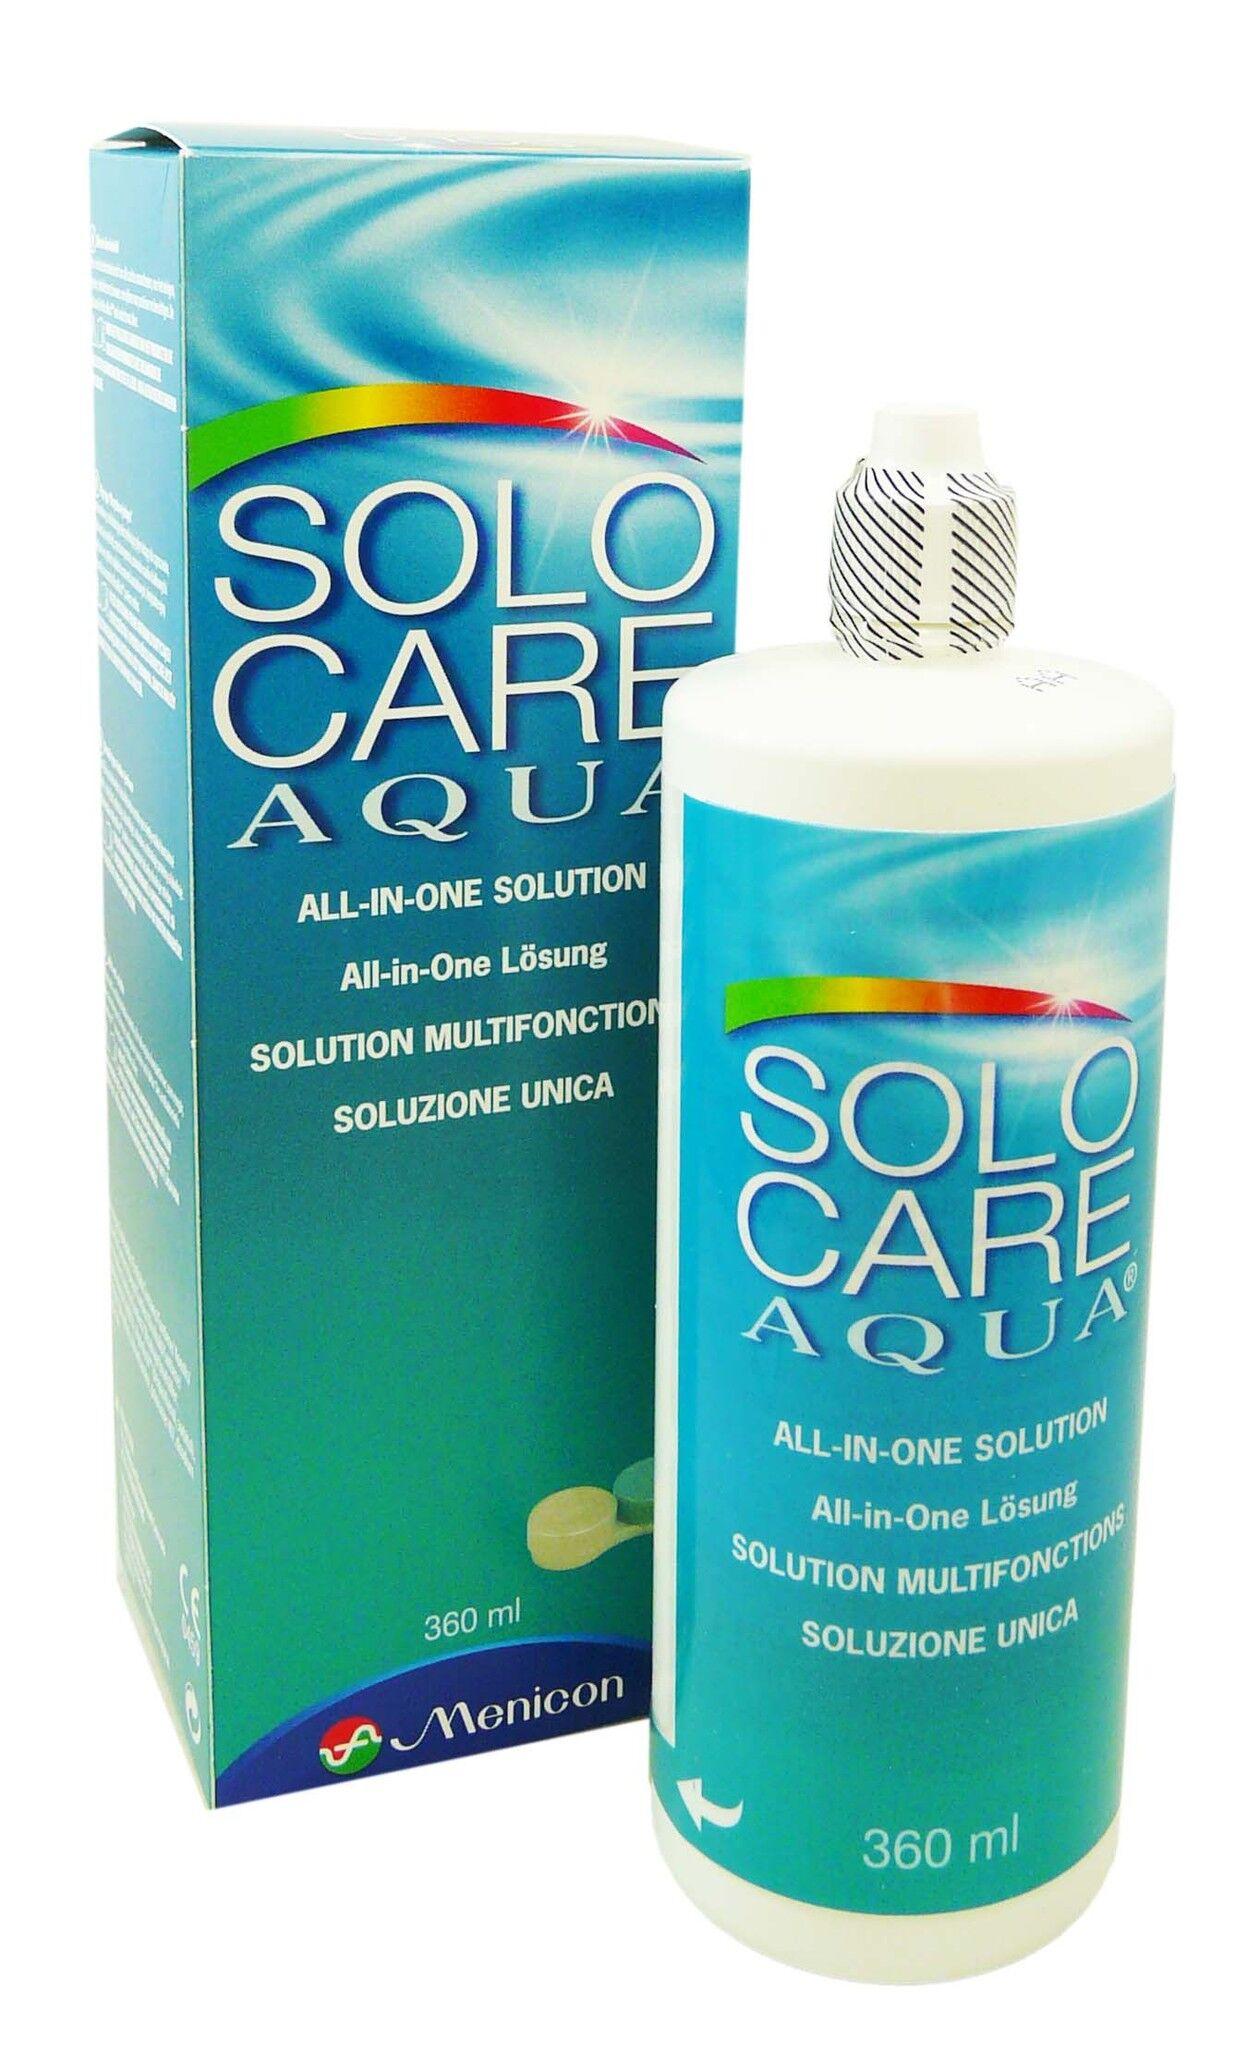 MENICON Solo care aqua solution multifonctions 360ml